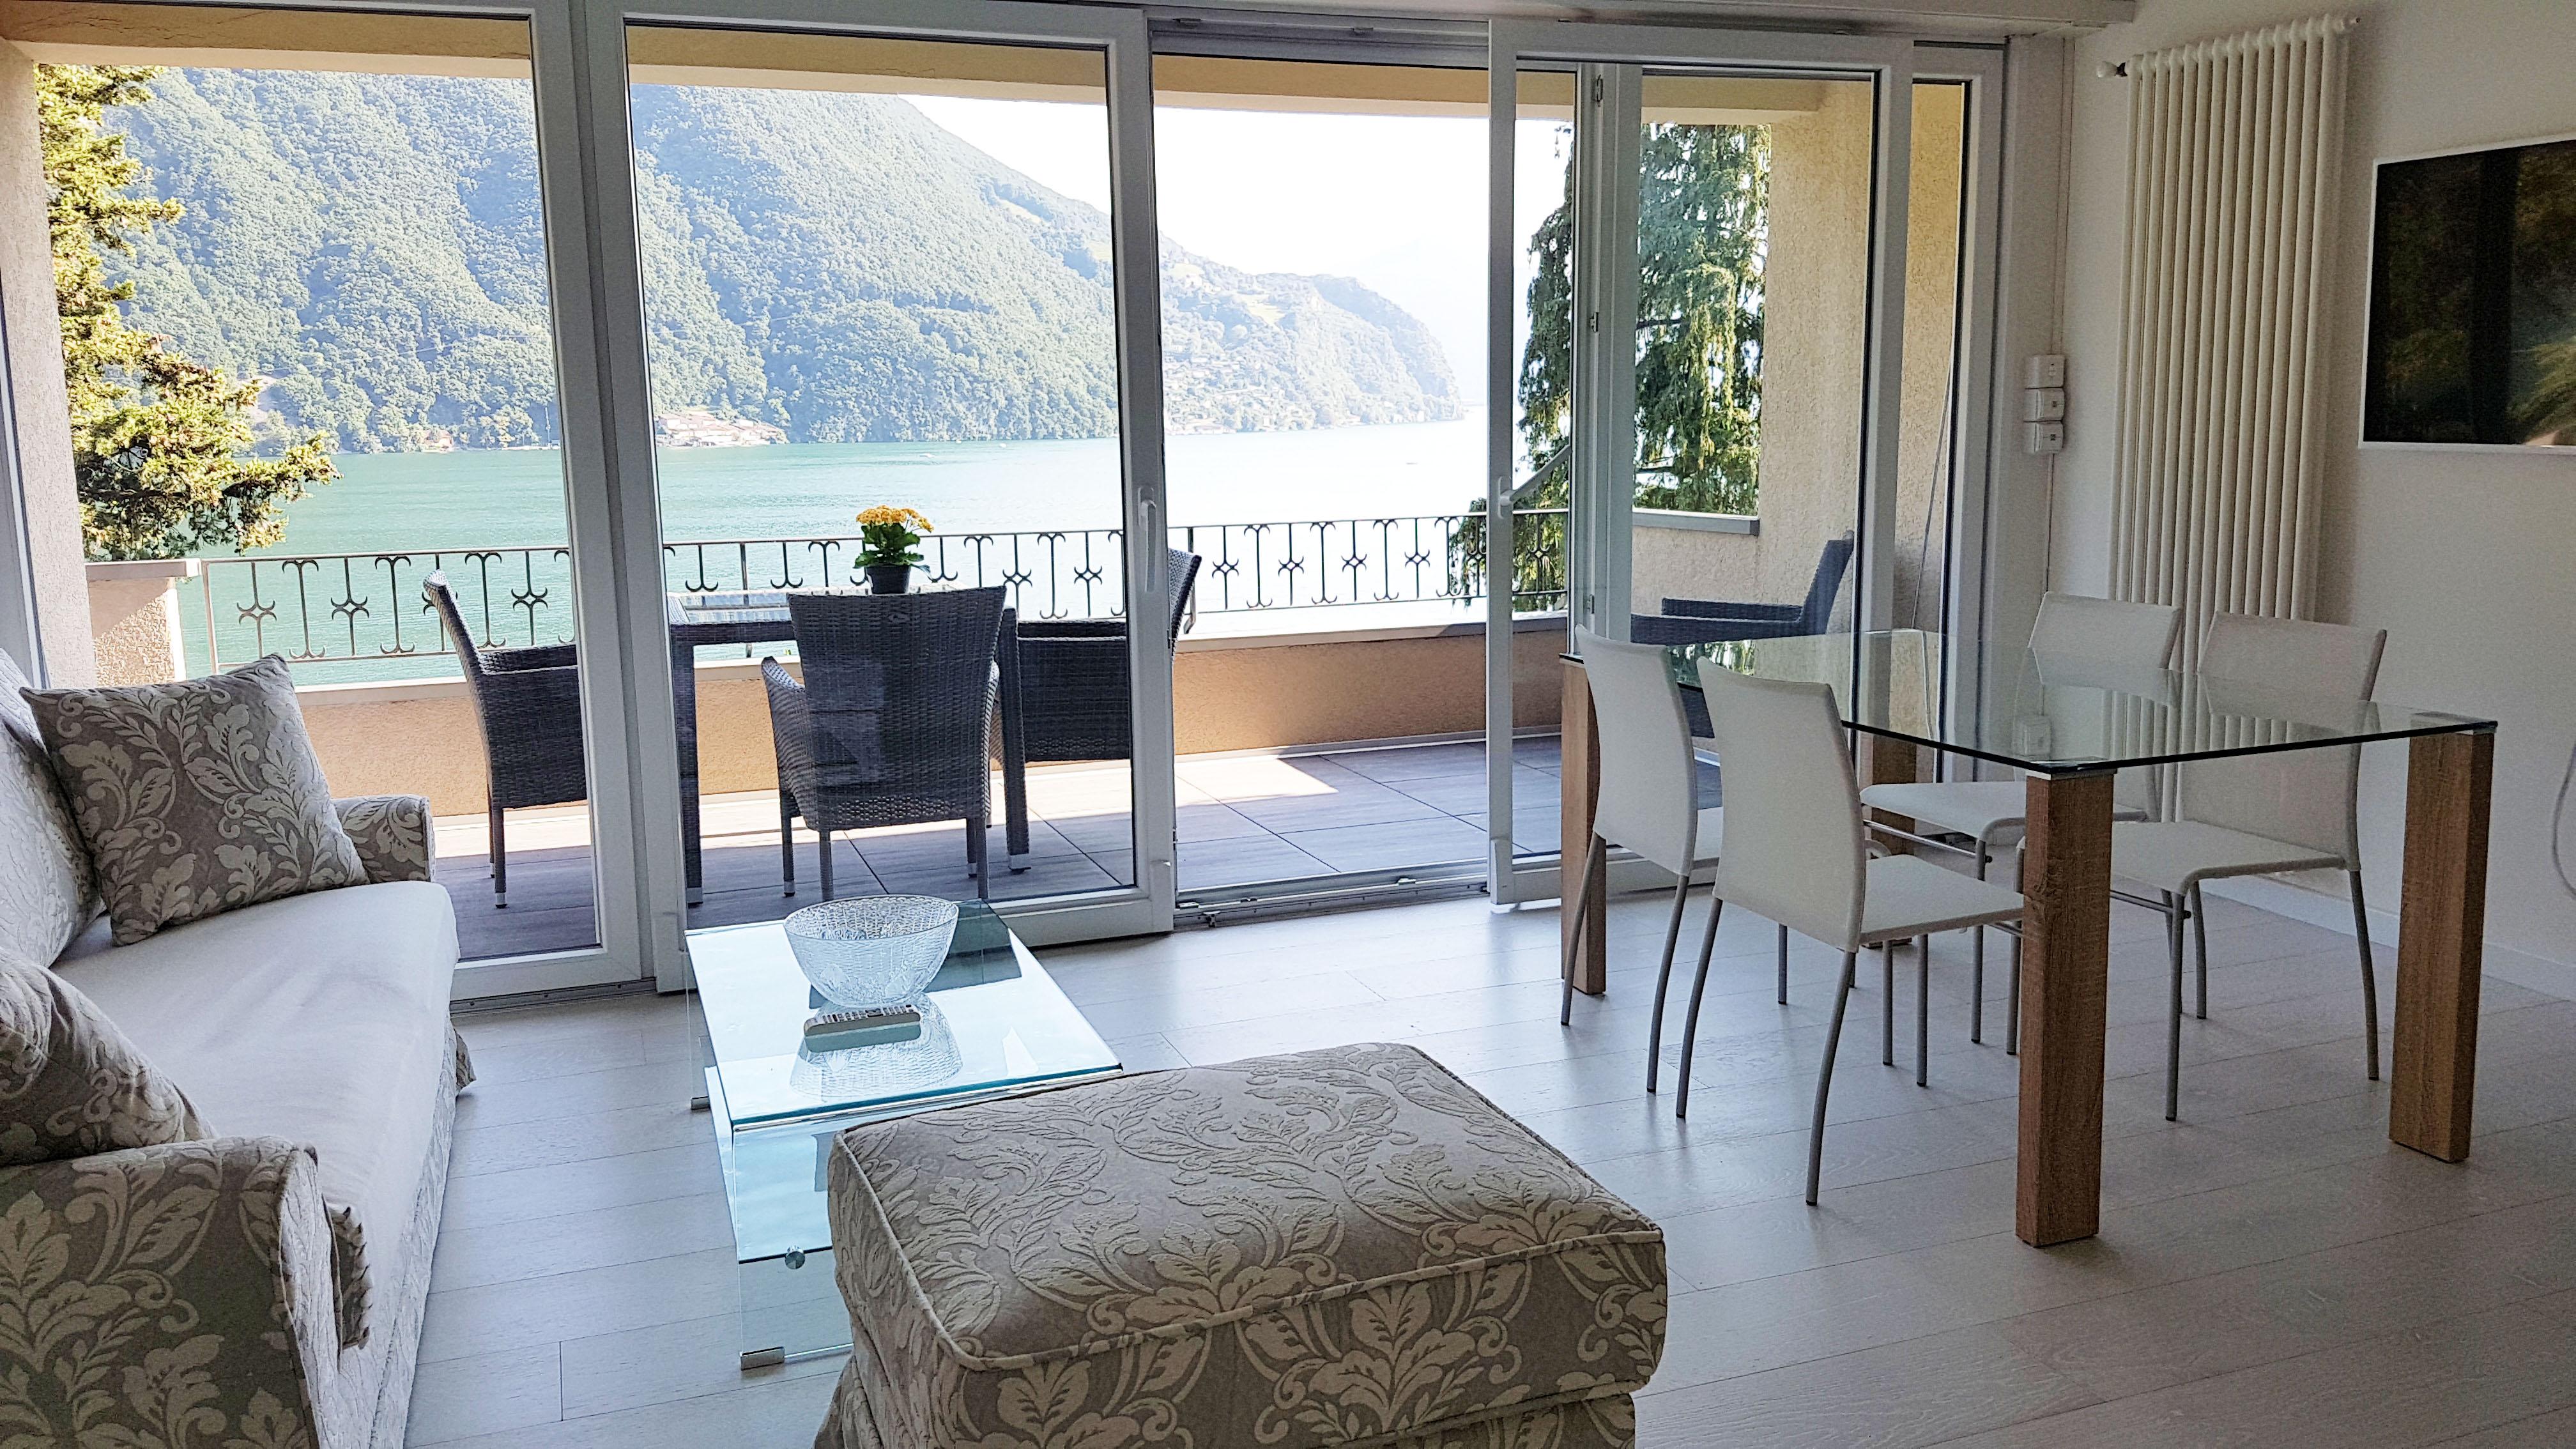 Case Arredate Con Gusto apartments italienisch | villa violetta